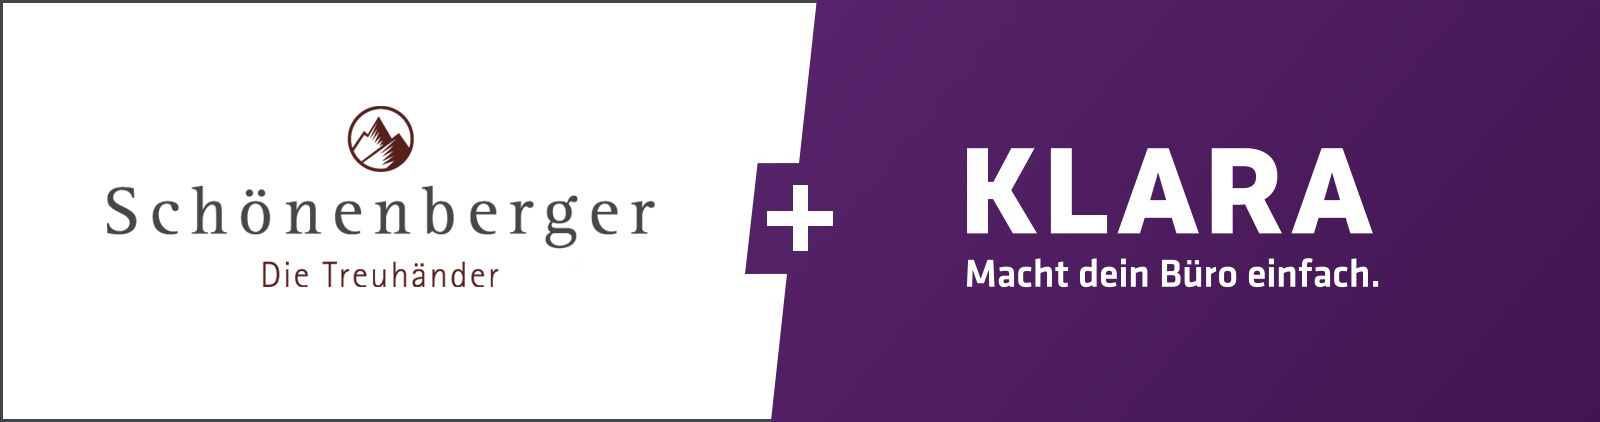 Eine starke Partnerschaft: Schönenberger Die Treuhänder AG und KLARA